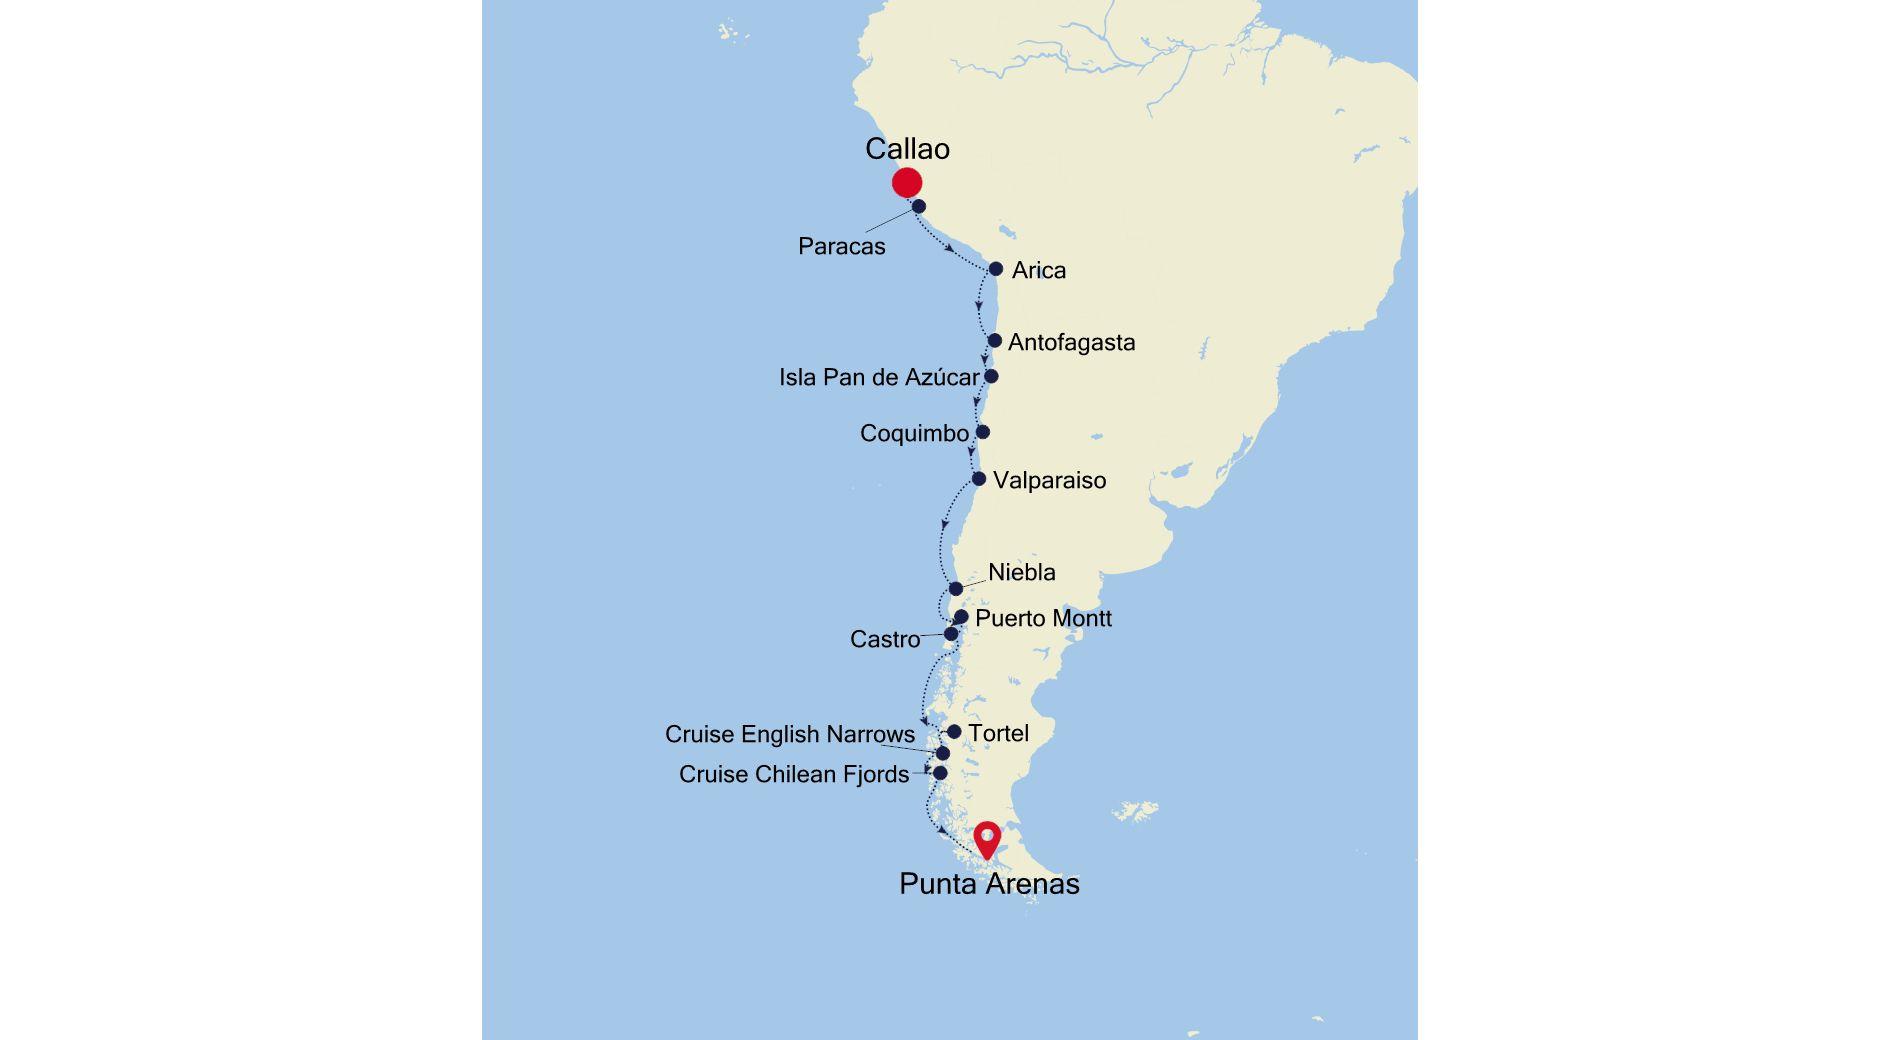 E4211028017 - Callao nach Punta Arenas